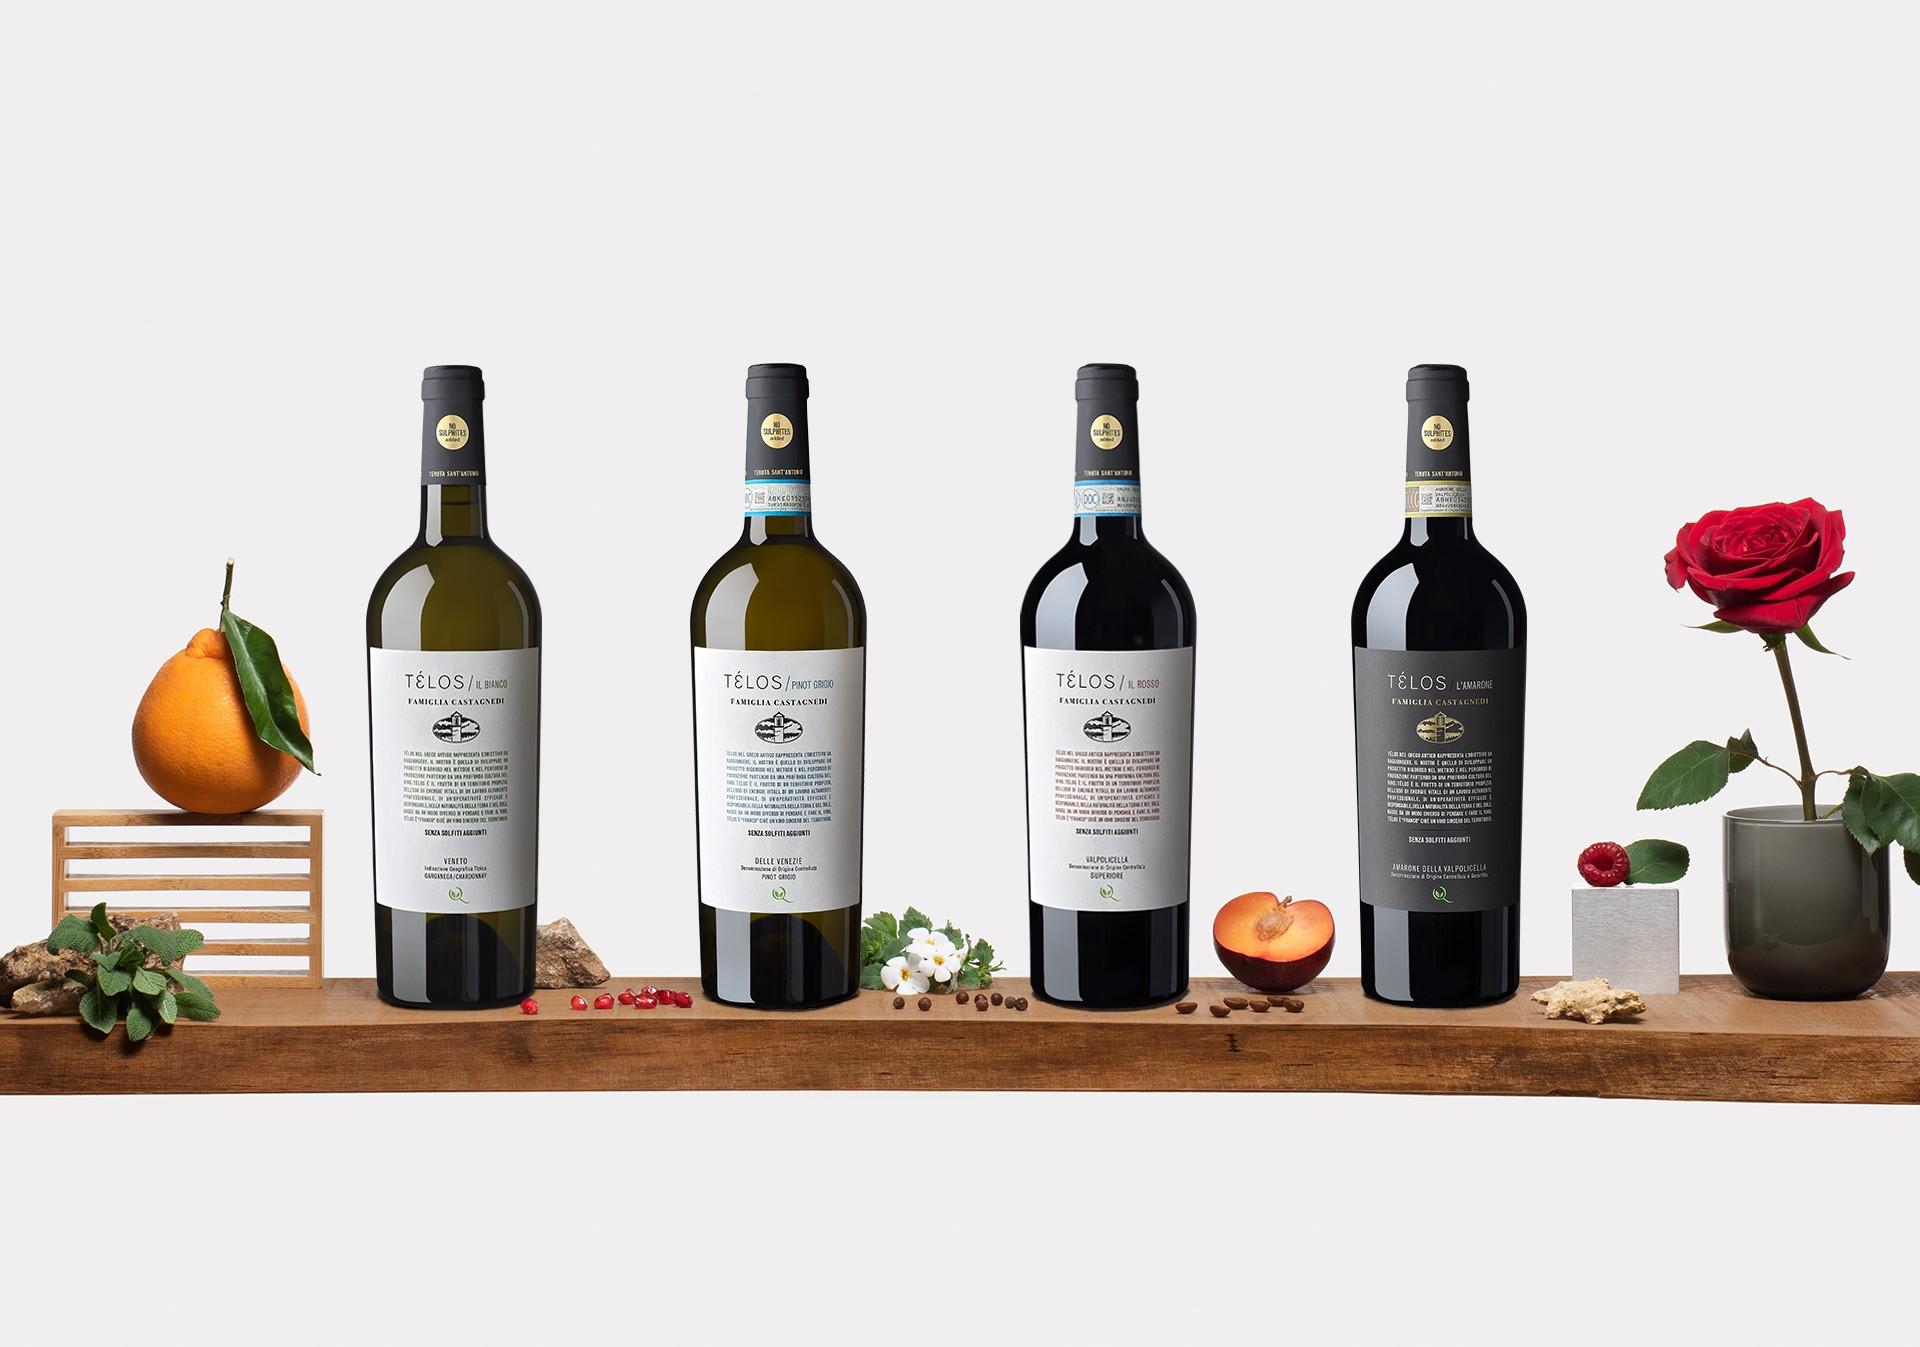 Ein veganer Wein ohne zugesetzte Sulfite